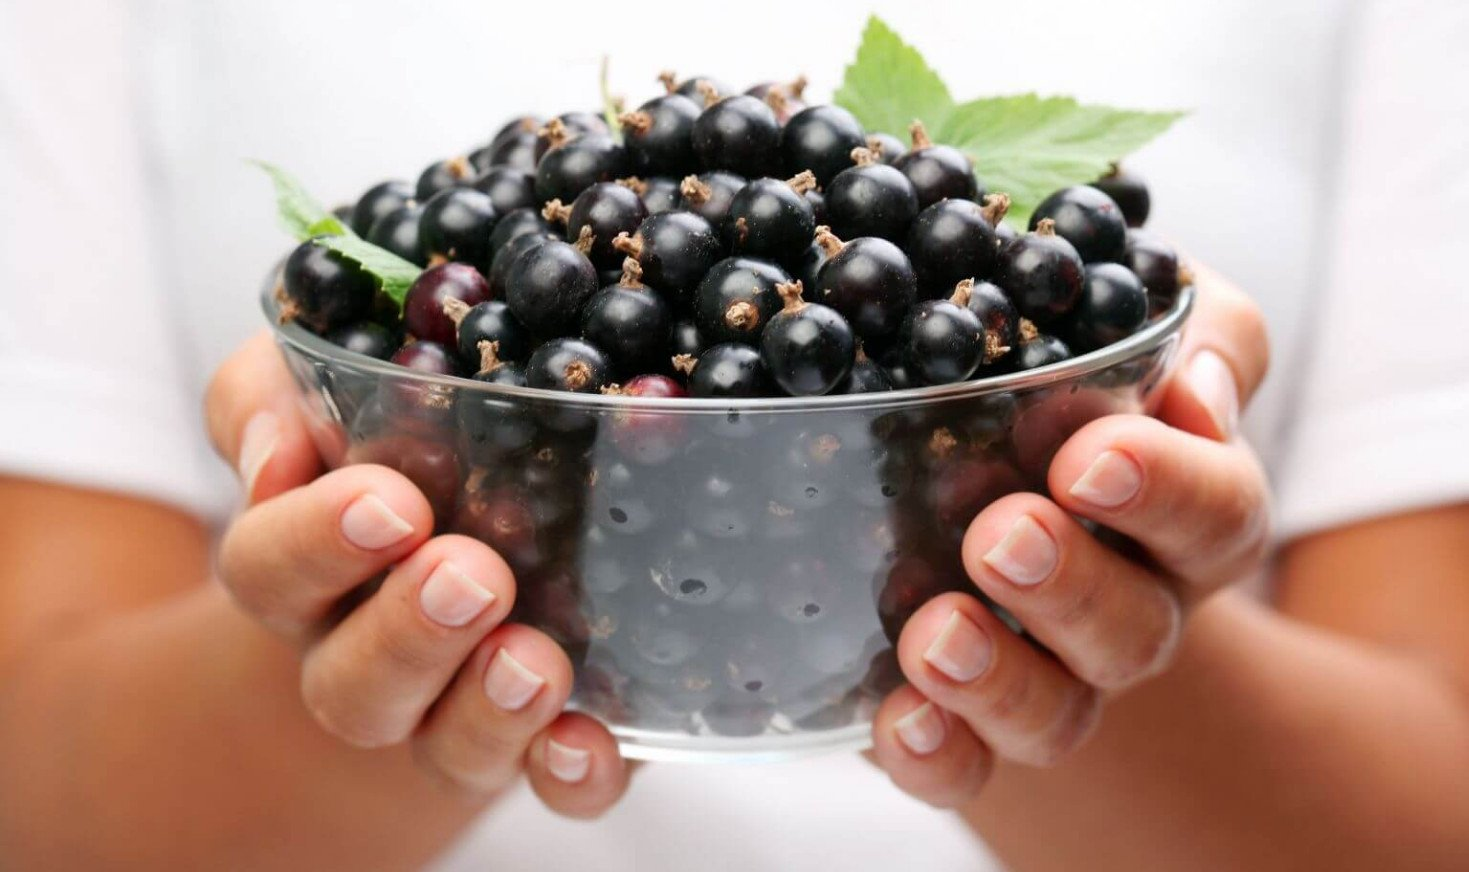 Польза белой смородины: состав, калорийность и возможный вред для здоровья